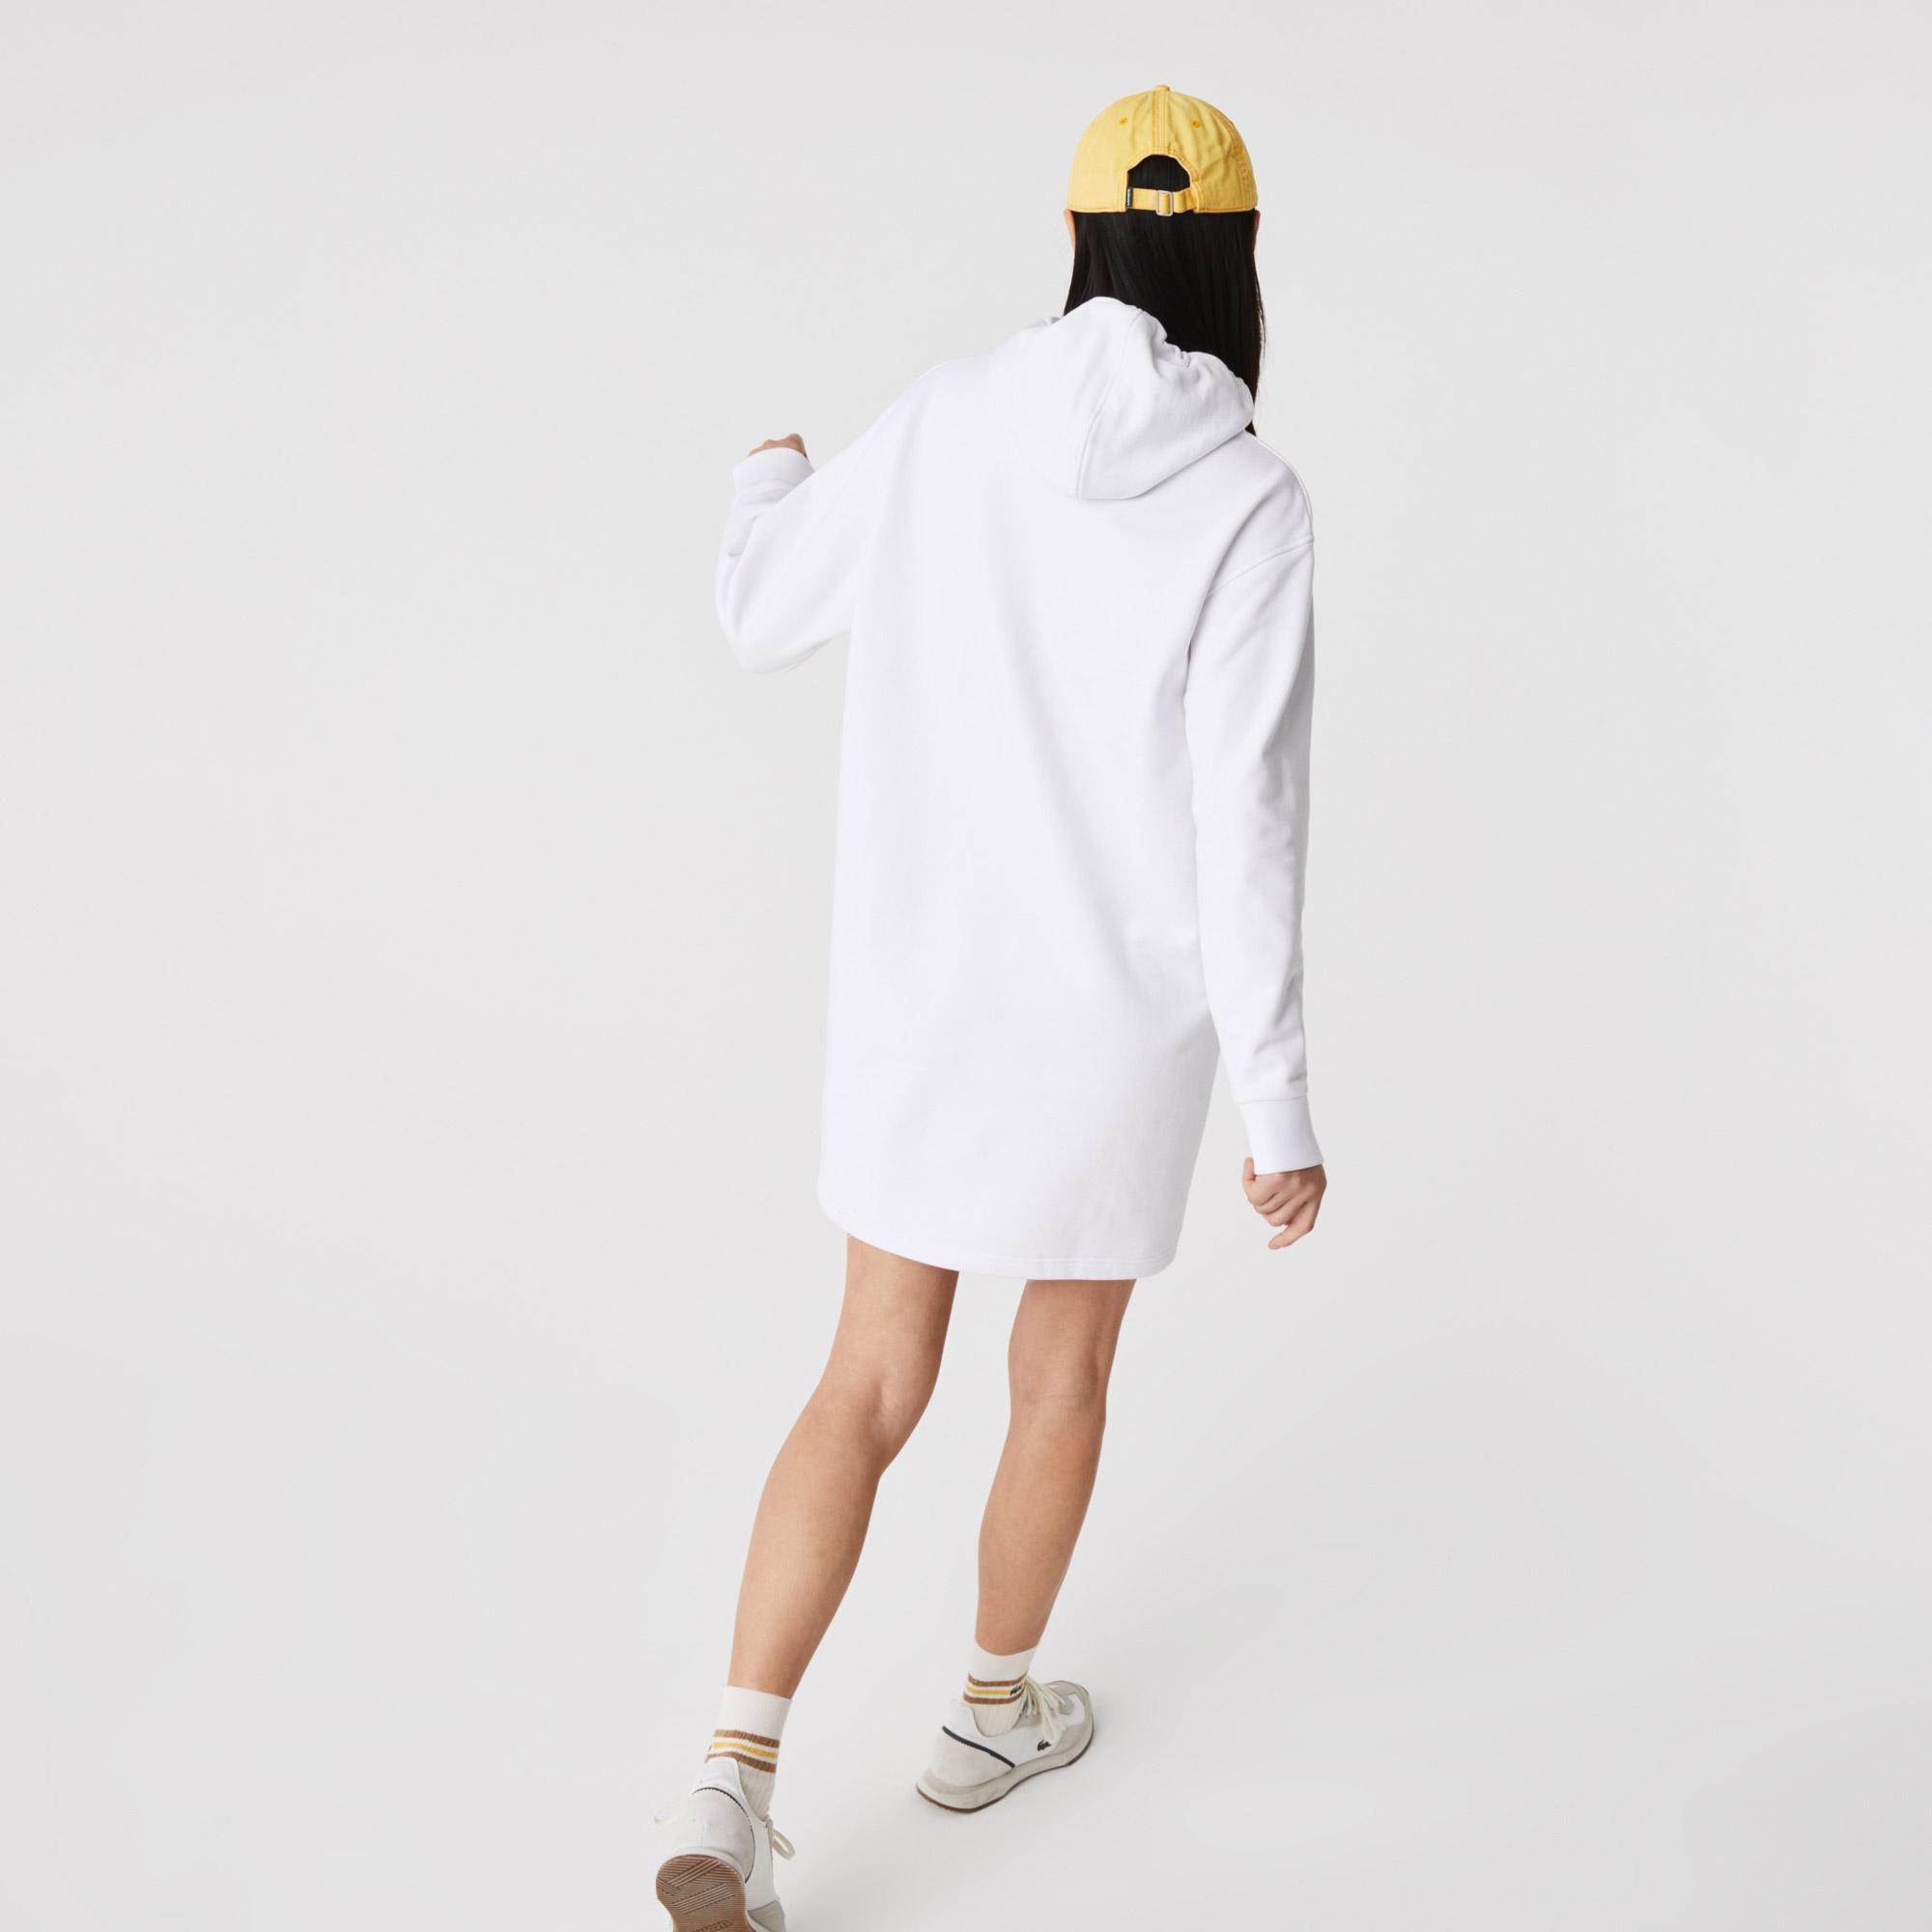 Lacoste Kadın Uzun Kollu Kapüşonlu Baskılı Beyaz Elbise